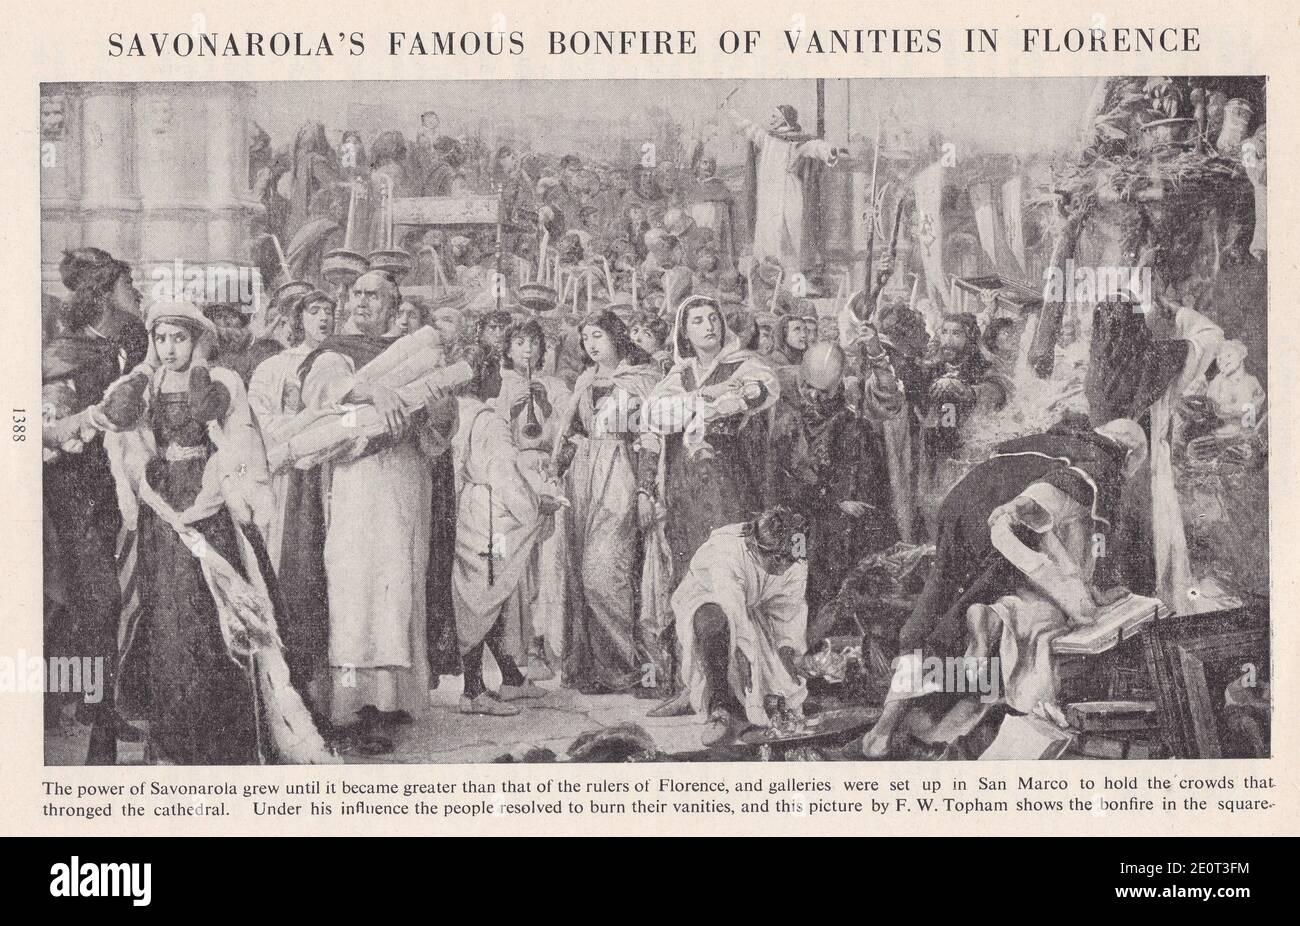 savonarolas-famous-bonfire-of-vanities-i